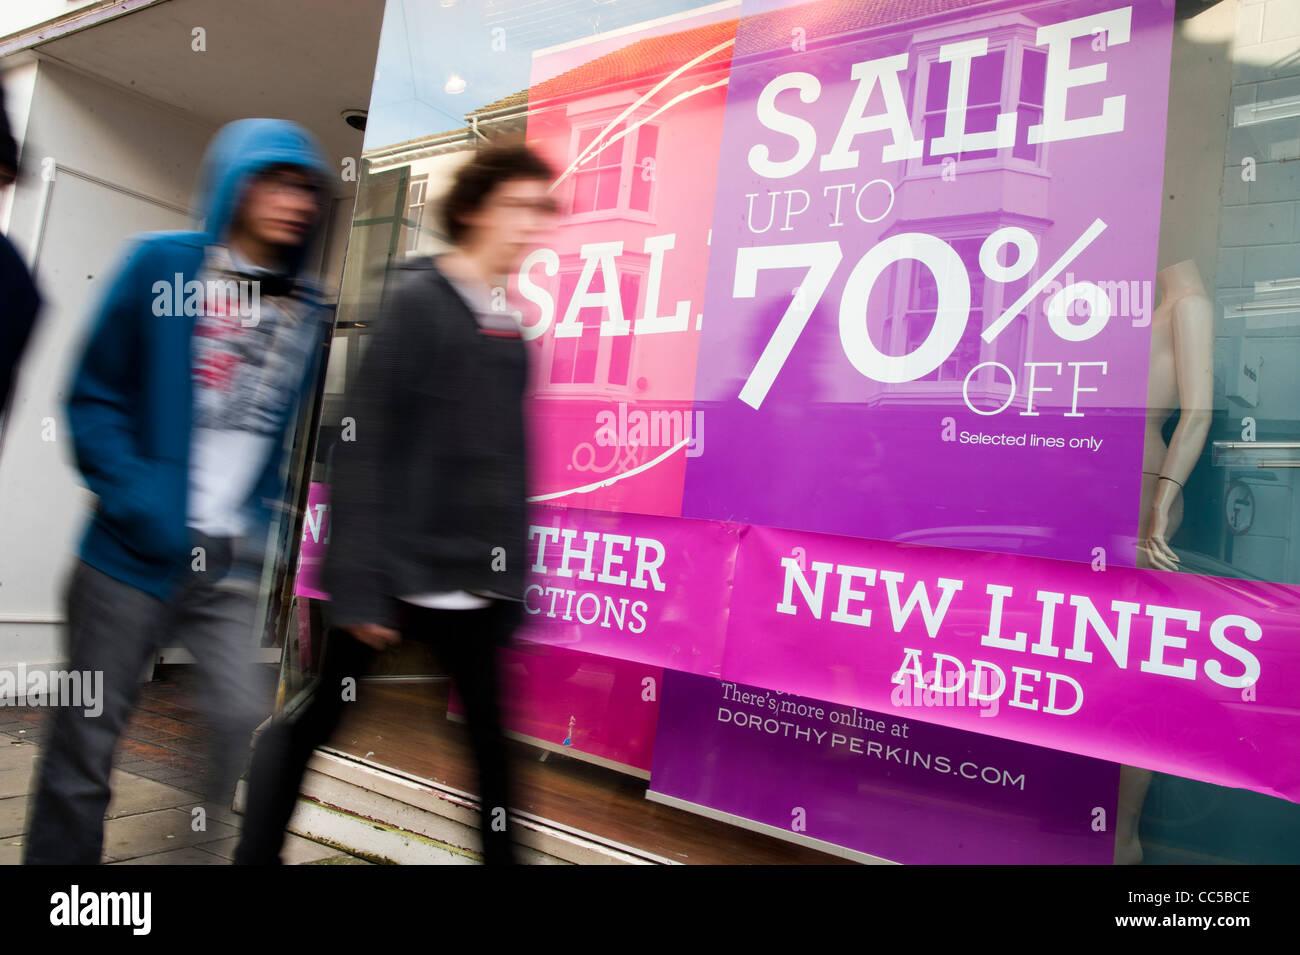 Street Wear Shop Imágenes De Stock & Street Wear Shop Fotos De Stock ...